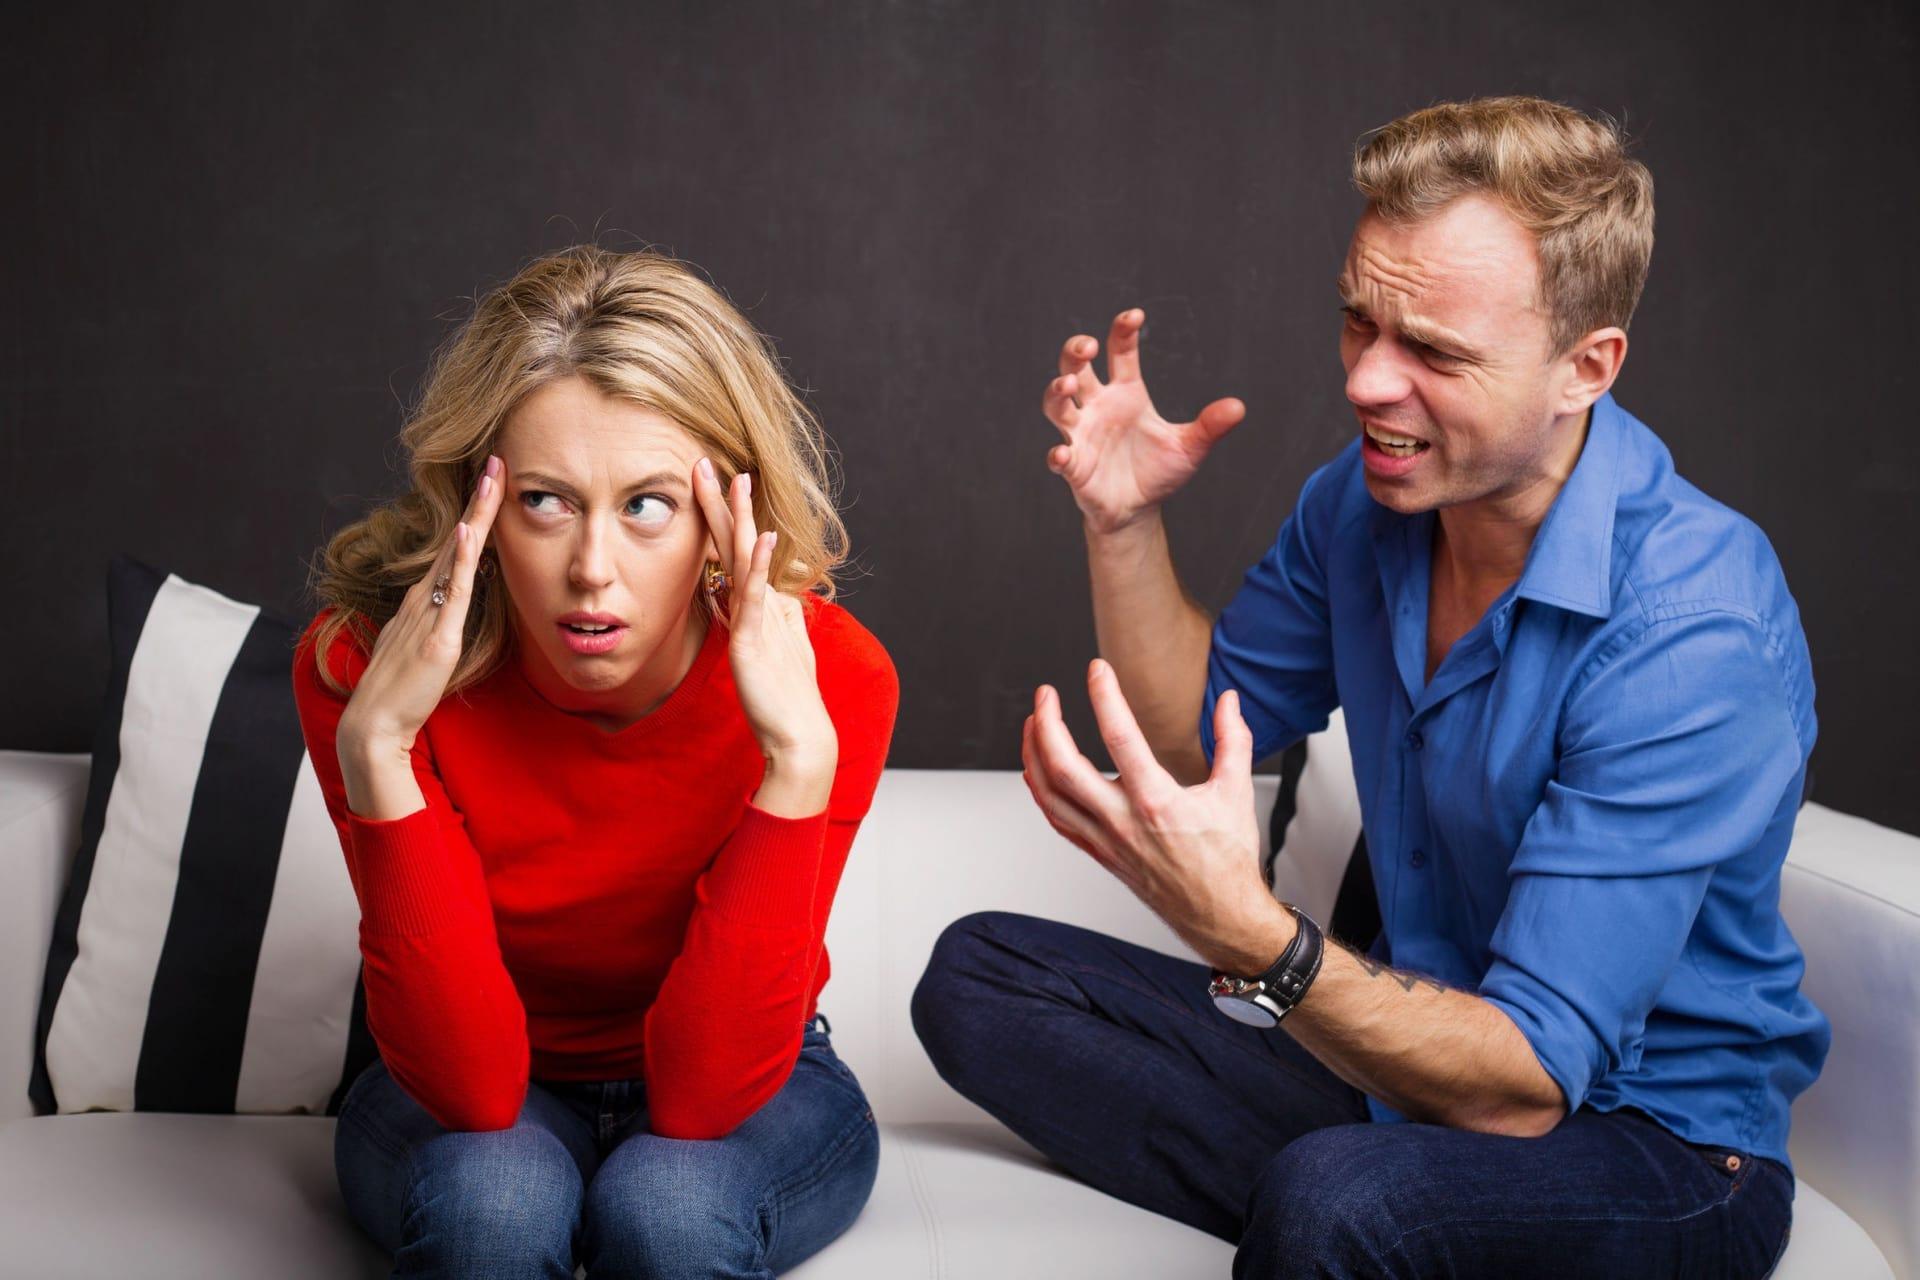 <p>Любовь – прекрасная страна для двоих, где есть место общей радости и грусти. Но романтичная и влюбчивая натура может попасть в хитрую ловушку, расставленную партнером-манипулятором. Один из приемов, способных надежно привязать к себе человека – эмоциональные качели. Женские секреты эмоциональных качелей в отношениях с мужчиной направлены на то, чтобы держать партнера «на коротком поводке» и иметь возможность манипулировать им.</p> <h2>Определение понятия «эмоциональные качели в отношениях»</h2> <p>Наверняка многим знакома ситуация, когда прекрасные, на первый взгляд, отношения омрачаются внезапным и необъяснимым отчуждением. Так начинает работать метод качелей, который за достаточно короткий срок может сделать из мужчины жалкого «подкаблучника», а из женщины – закомплексованную истеричку.</p> <p>Эмоциональные качели в отношениях – это чередование различных эмоциональных состояний по отношению к партнеру. Например, на смену заботе и нежности может внезапно прийти неоправданная резкость и холодность. Перемены происходят по сценарию, неизвестному для второй стороны и в тот момент, когда их совсем не ожидаешь.</p> <p>Это целая стратегия, направленная на достижение полного подчинения. Некоторые девушки пытаются сделать эмоциональные качели в отношениях с мужчиной своим обычным методом воздействия на партнера. Сначала они демонстрируют полное равнодушие к ухаживаниям, затем делают шаг навстречу, а после отстраняются. Затем снова проявляют интерес и снова равнодушие. Так, чередуя лед и пламя, можно довести влюбленного парня до состояния эмоционального выгорания.</p> <p>Основная причина попадания под влияние манипуляторов – низкая самооценка, недостаток любви к себе. Тот, кто стремится управлять партнером, опирается на чувство вины у жертвы, дарит ложные надежды и заставляет беречь токсичные отношения. Если в парах происходит неосознанное качание на эмоциональных качелях, то эту проблему можно разрешить открытым и честным разговором.</p> <h2>Принцип работы эмоциональных 